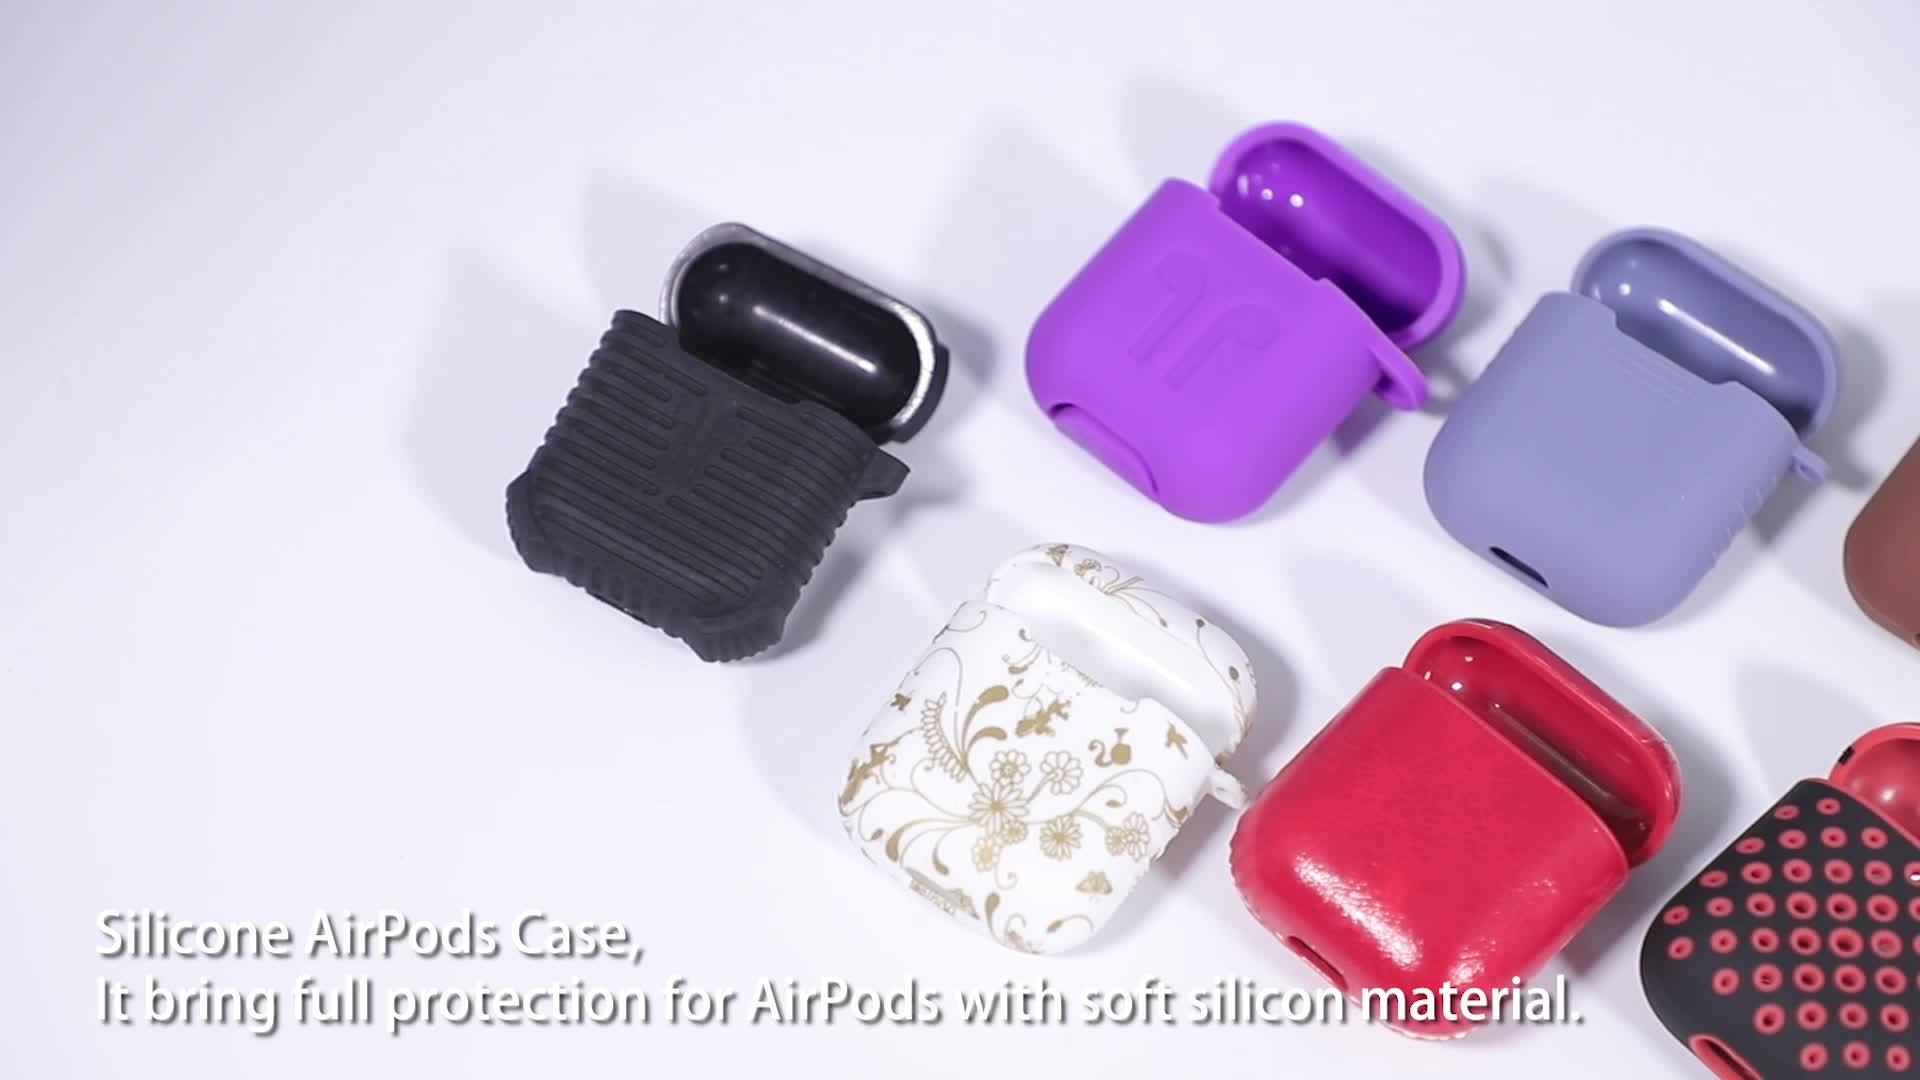 2019 सिलिकॉन एप्पल Airpods 1 और 2 के लिए एप्पल के लिए ईरफ़ोन भंडारण के मामले तरल सिलिकॉन मुलायम मामले Airpods चार्ज मामले